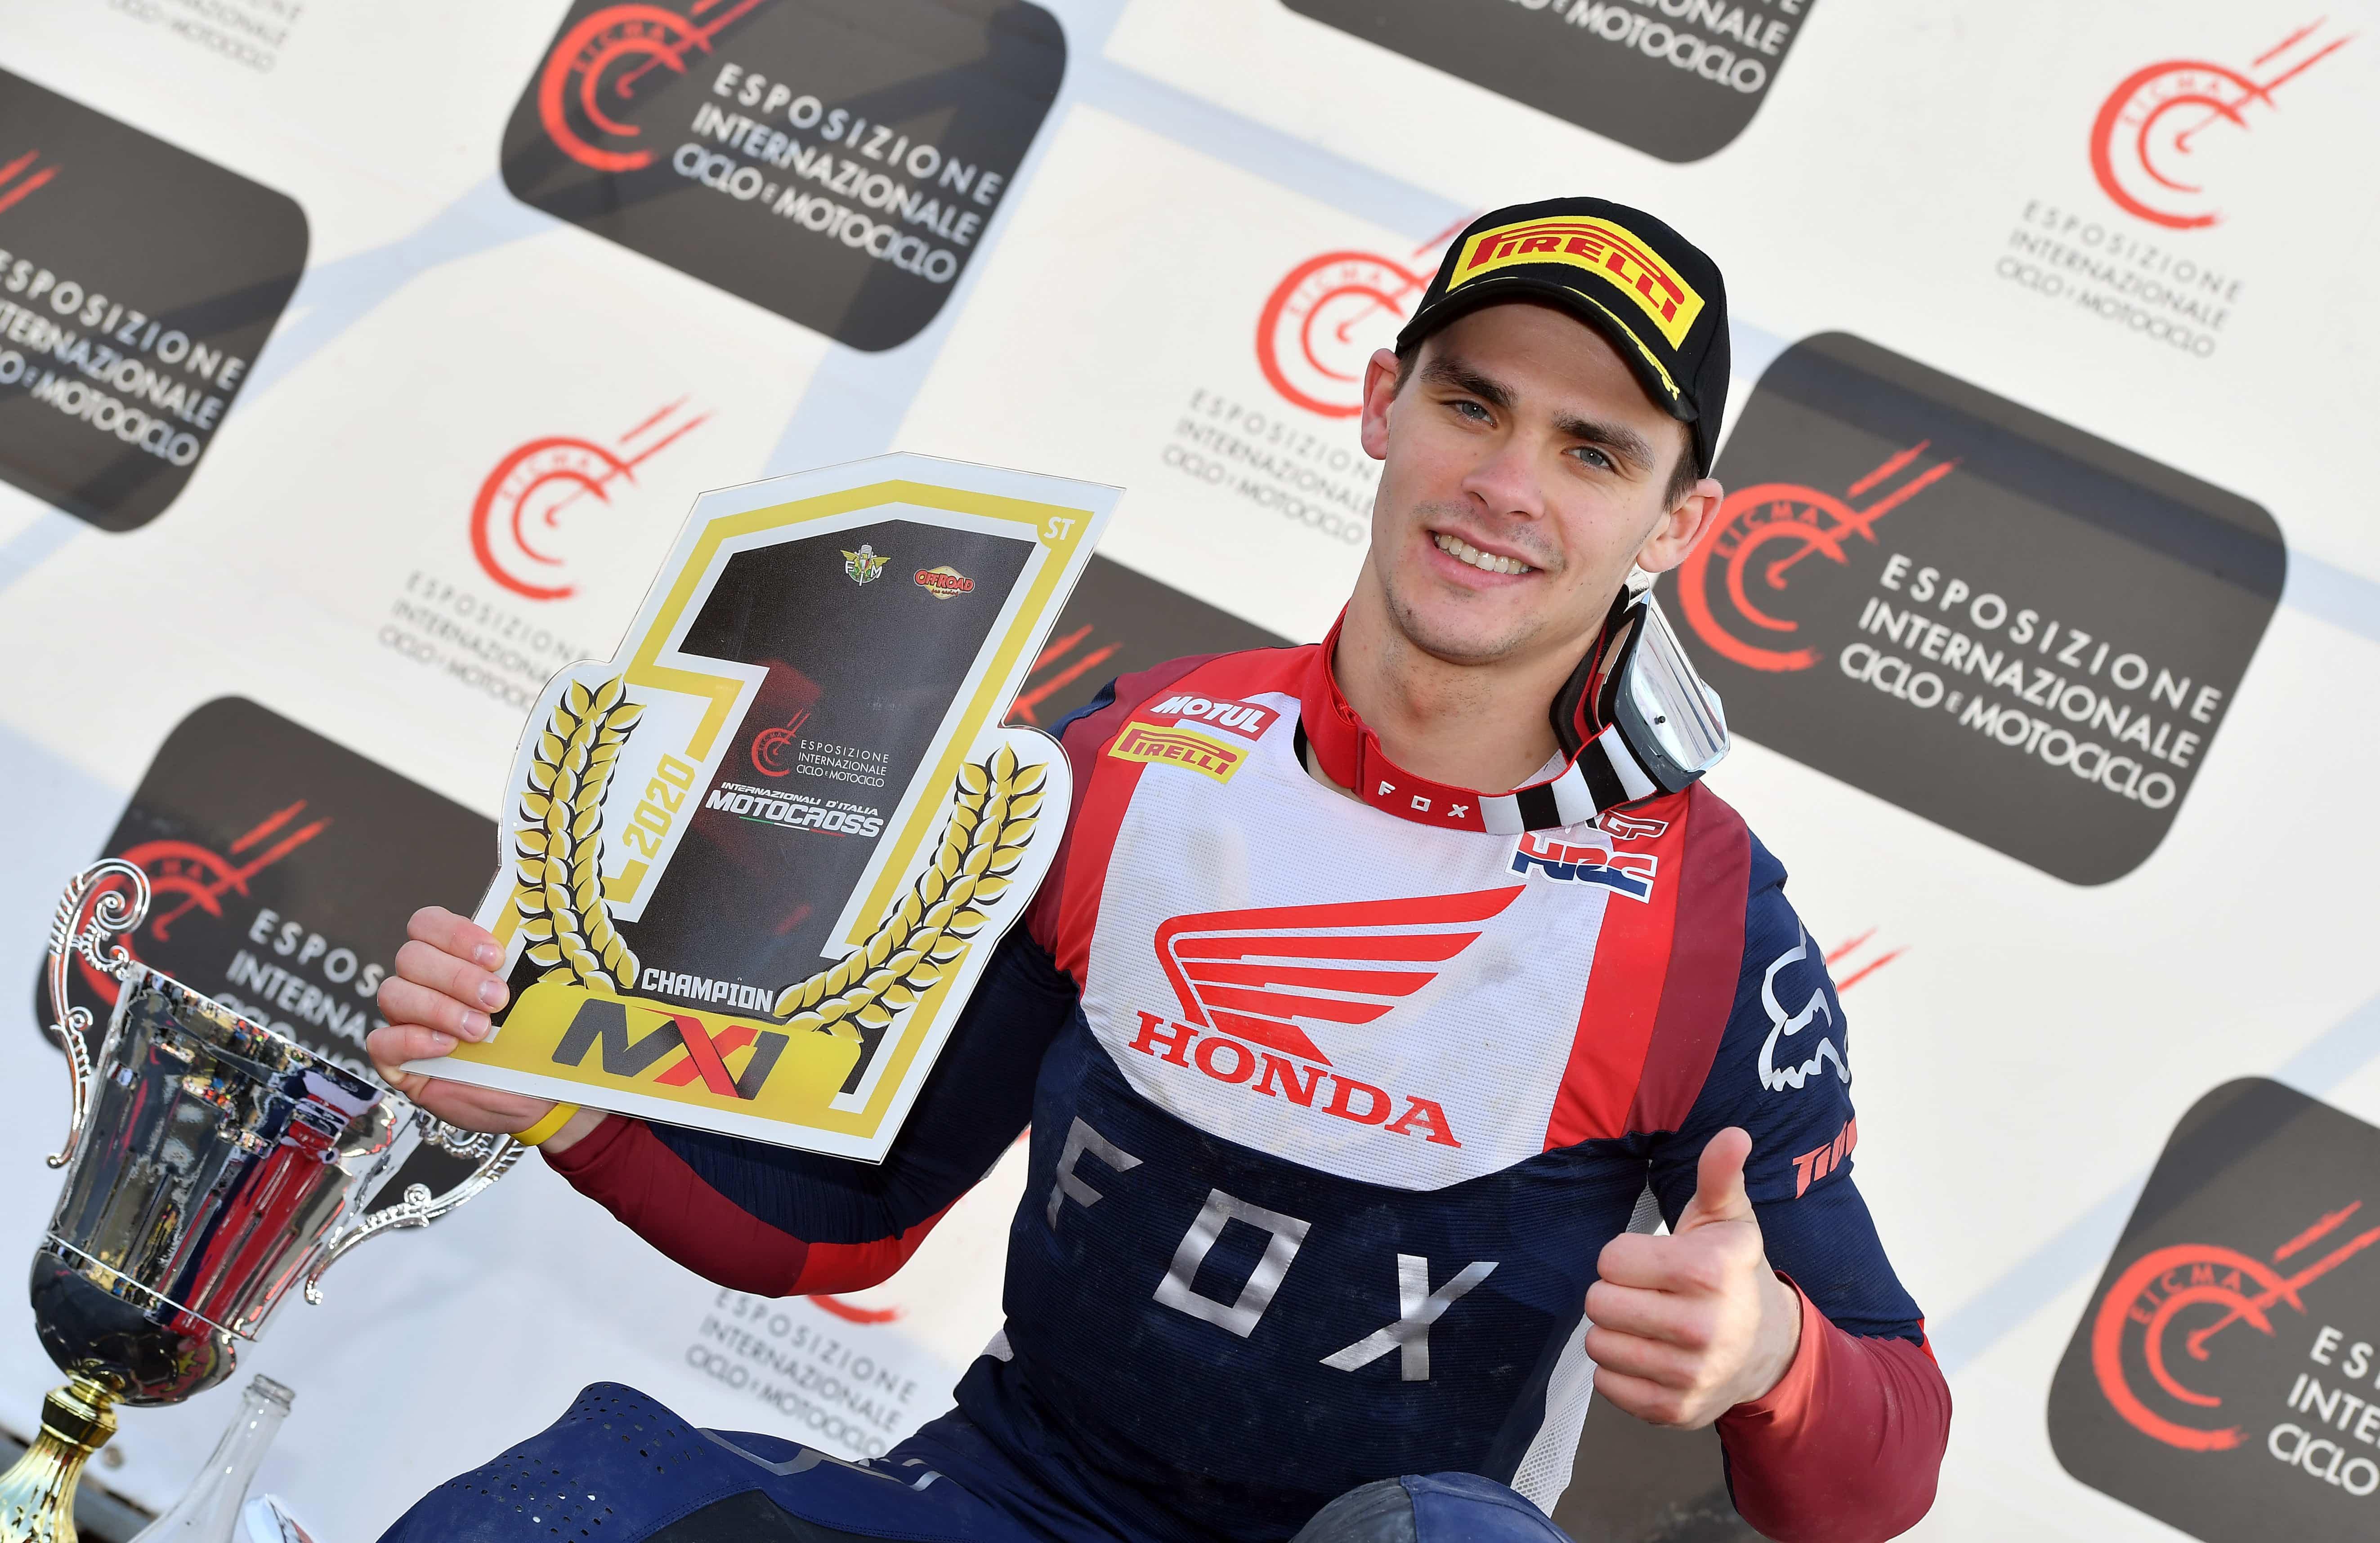 モトクロスイタリア選手権 最終戦でティム・ガイザーがMX1チャンピオンシップで優勝